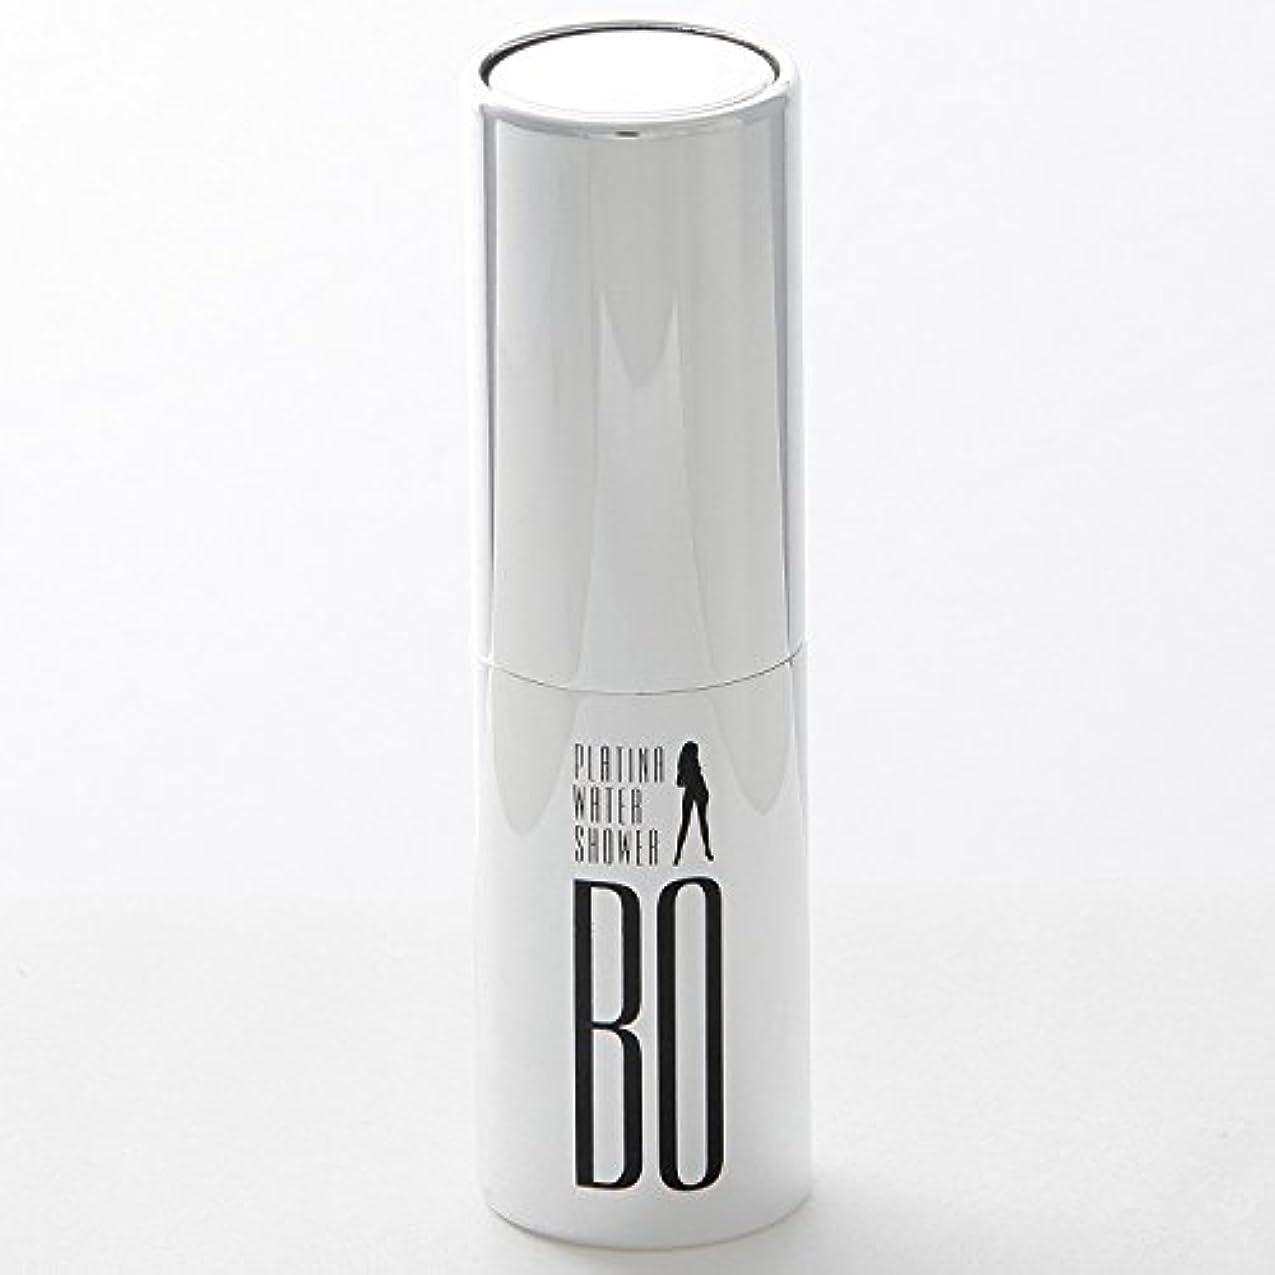 幅霜発明BO PLATINA WATER SHOWER 20ml ナノプラチナ 消臭 除菌99.9% ニオイ戻りゼロ ヘアートリートメント